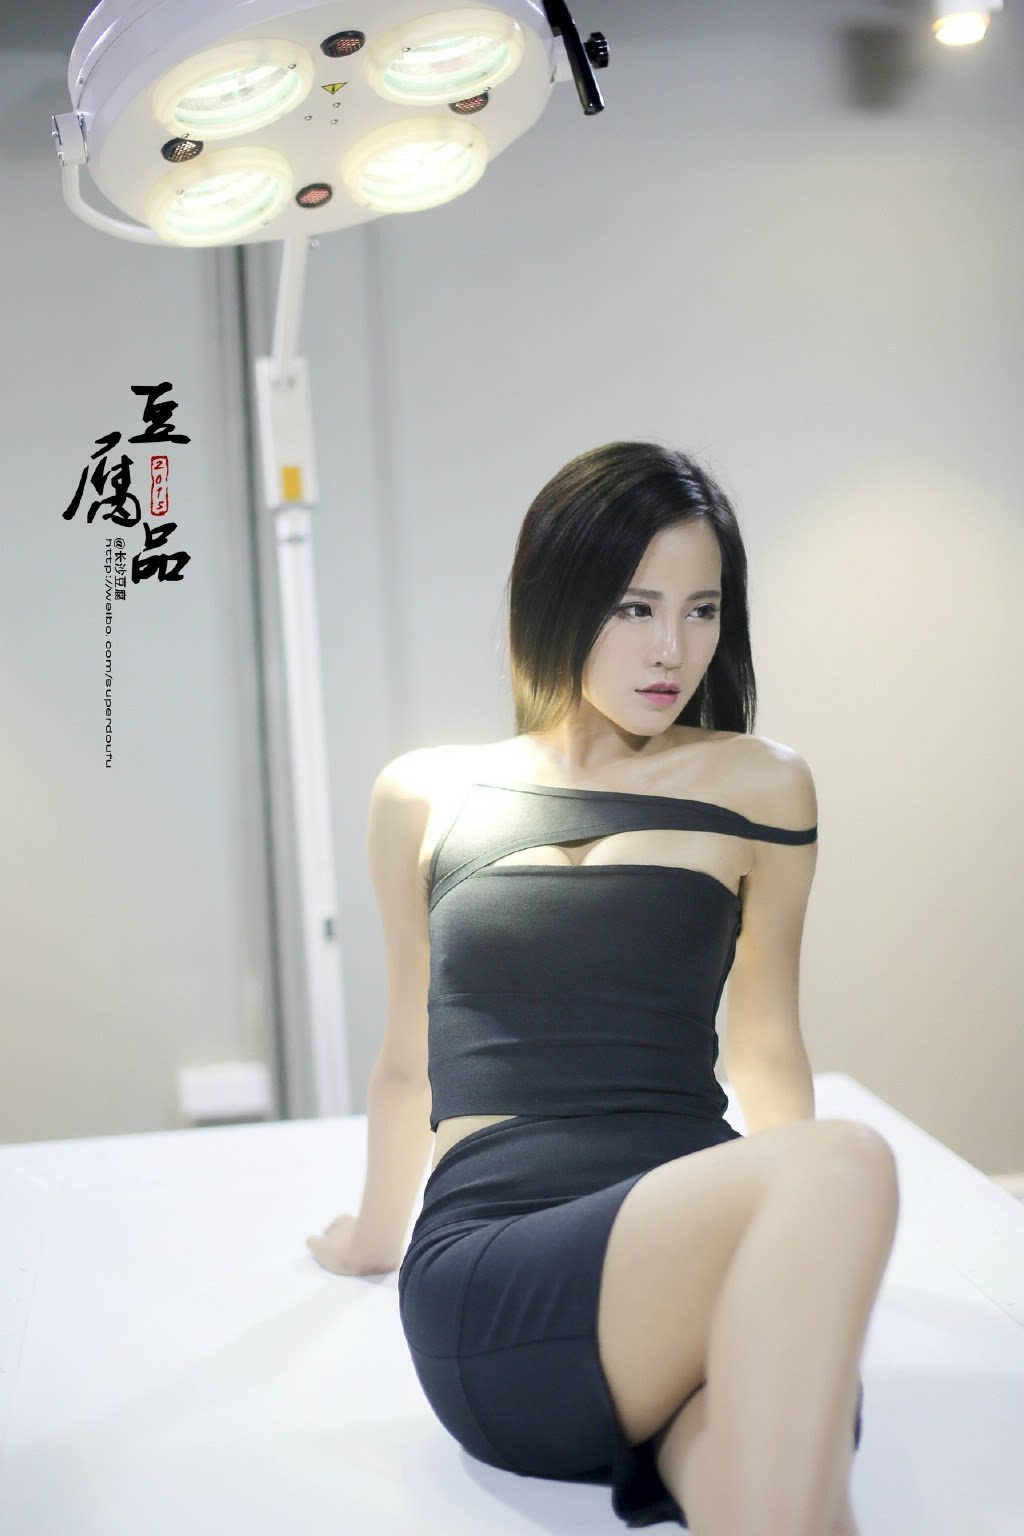 凤凰体育 最新app下载 【ybvip4187.com】-华南-广东省-韶关